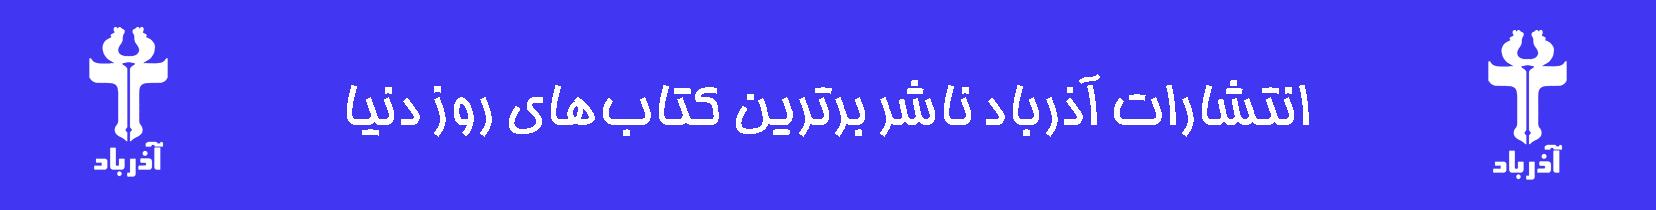 انتشارات آذرباد